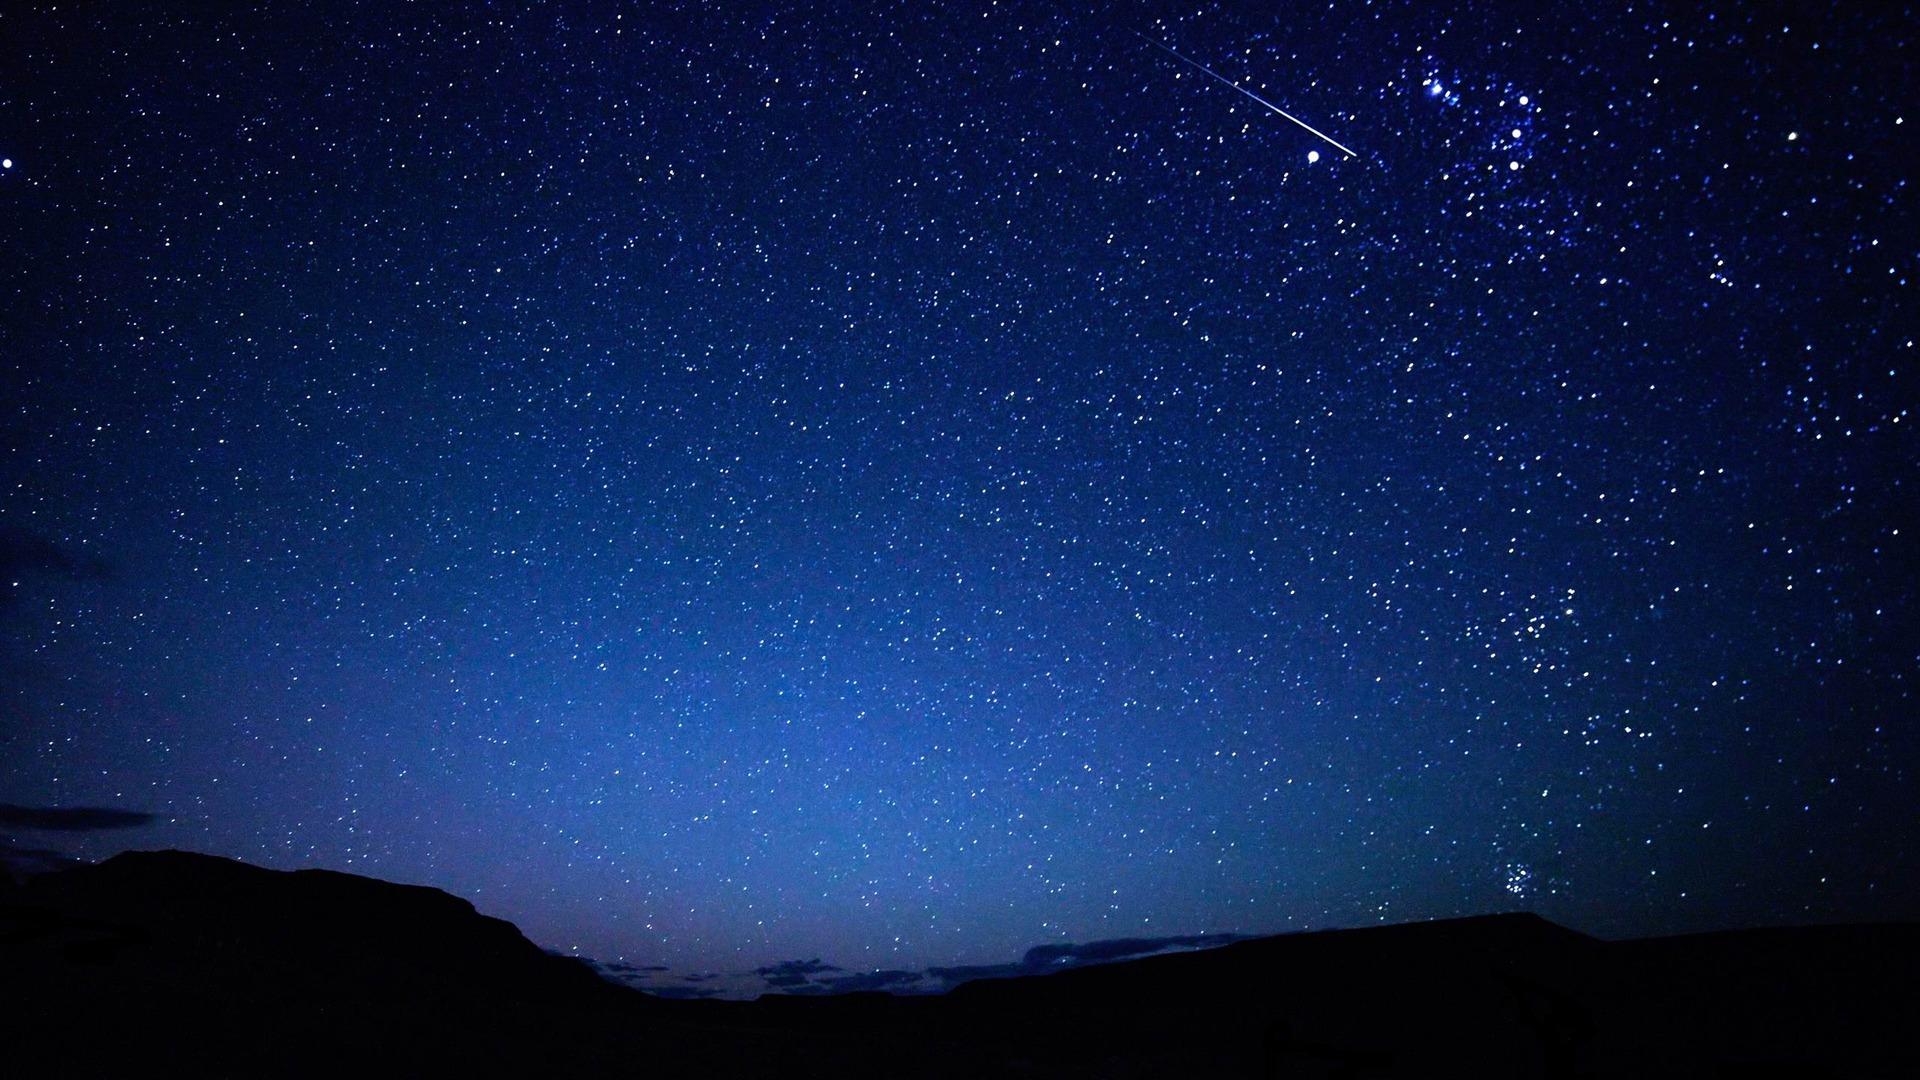 falling star Night sky HD wallpaper   1920x1080 wallpaper download 1920x1080